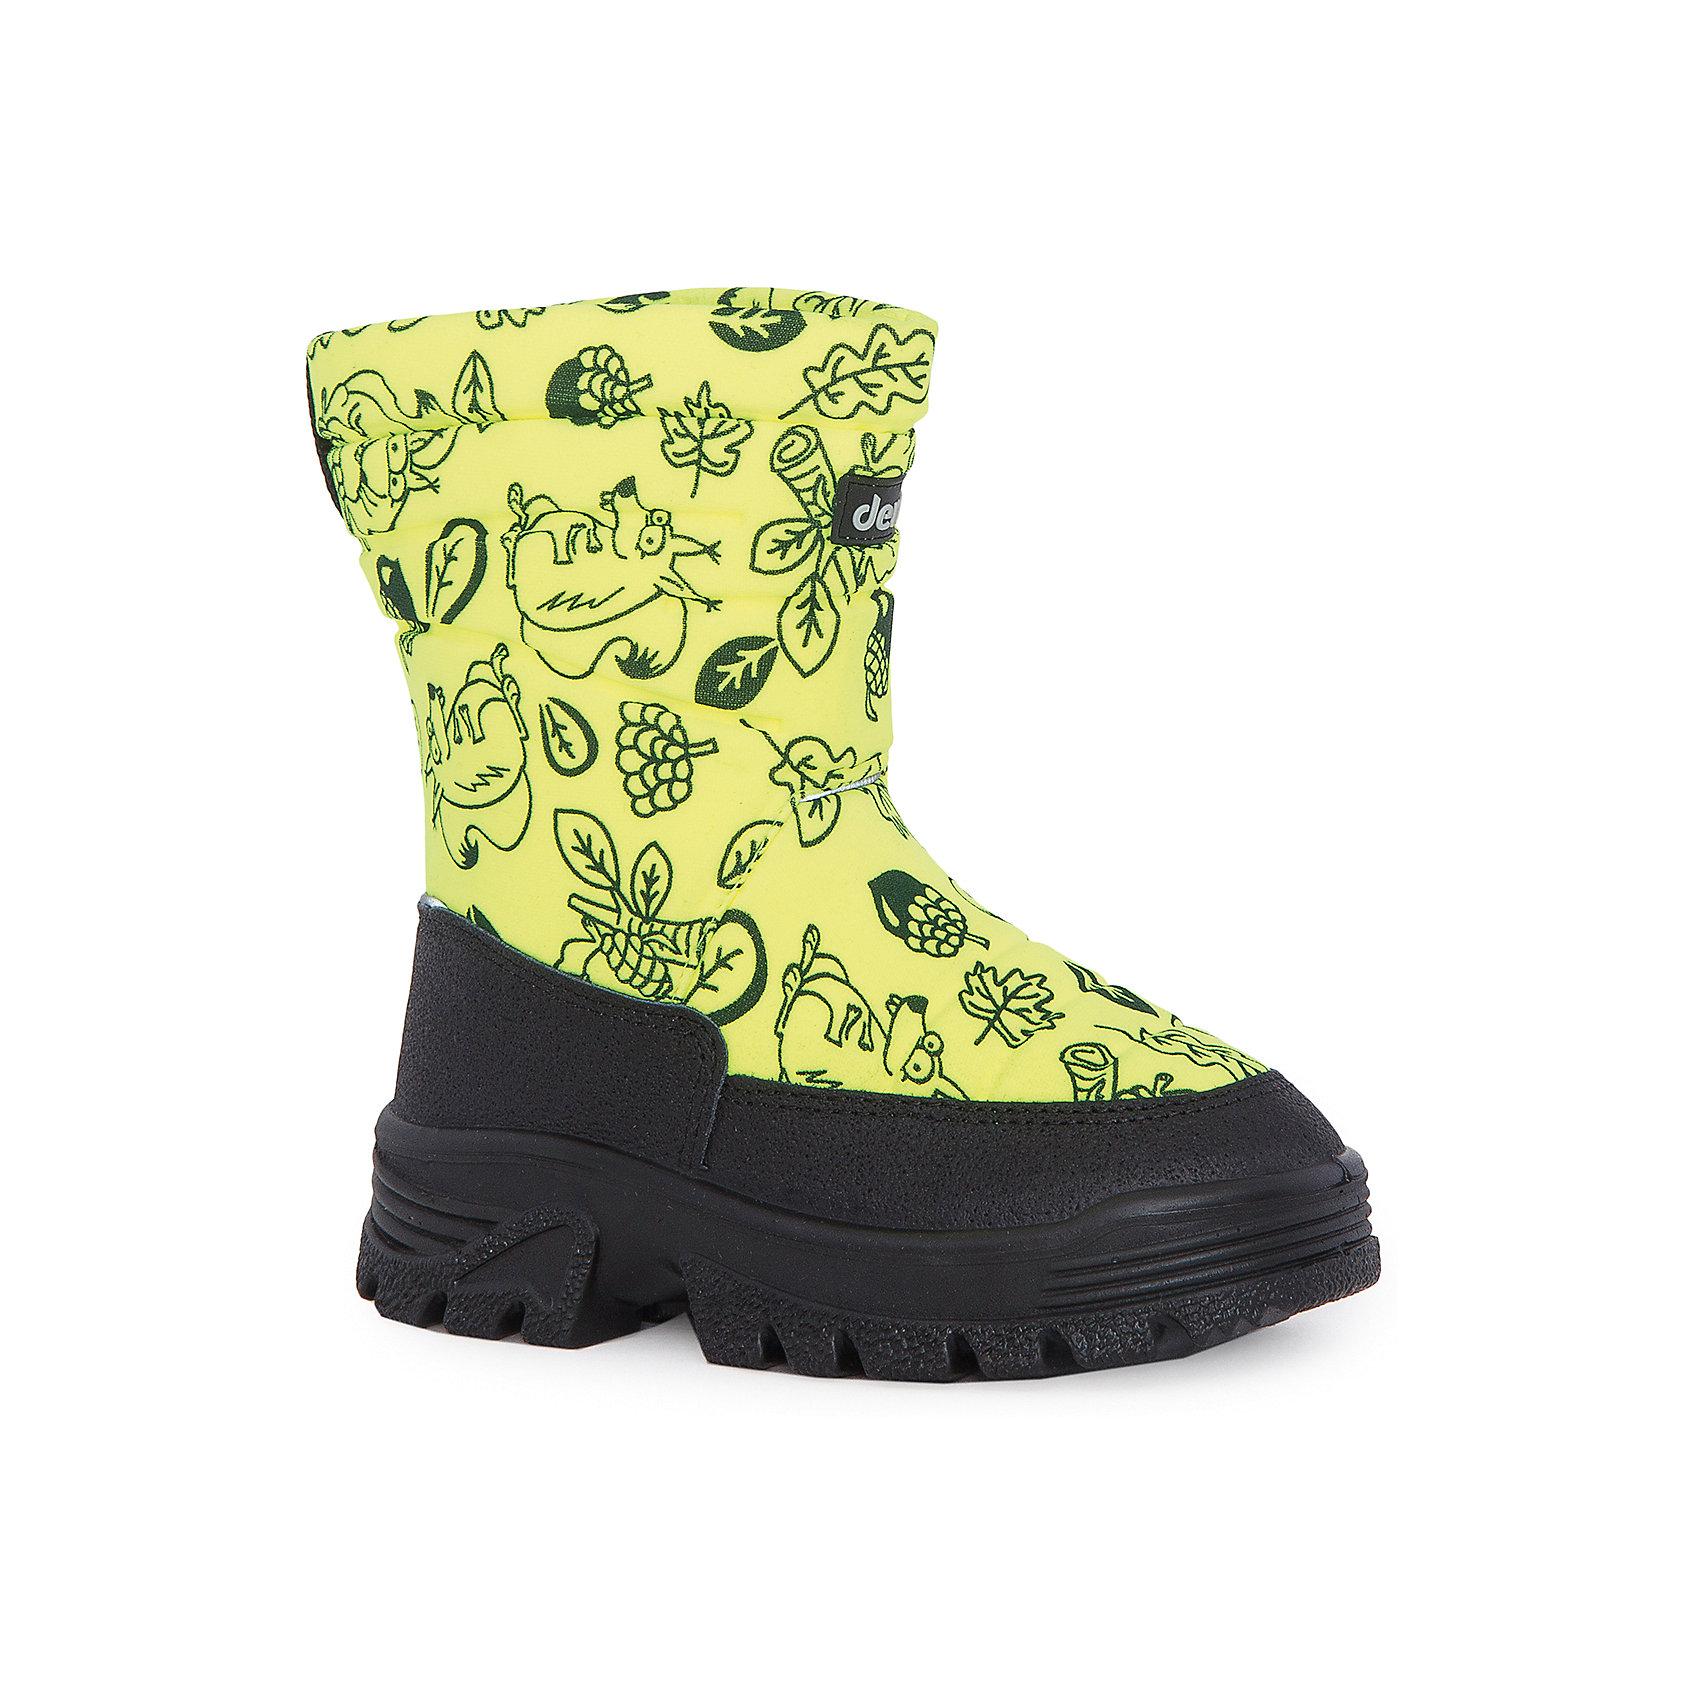 Сапоги  DEMARСапоги  DEMAR<br>Зимняя модель. Сапожки имеют утеплитель внутренней части изготовлен на основе натуральной овечьей шерсти, помогает выдерживать морозы до - 20 ° C. Зимние сапожки Demar очень легкие, вес ОКОЛО 500 гр.<br>Верх обуви - не продуваемый текстильный материал, имеющий высокие износостойкие и водоотталкивающие свойства. Термокаучук, используется при изготовлении подошвы способствует сохранению эластичности даже при низких температурах и позволяет избежать скольжения. Сапожки легко одеваются. Выполнены из супер легких материалов, вес их на столько легкий, что ребенок даже не заметит, что он уже обут)))<br>Утепленные натуральной овечьей шерстью - гарантия теплых ножек!<br>Сделаны в Польше!<br>Рекомендуем для зимних прогулок и игр.<br>Сертифицированы, гарантия качества.<br><br>Ширина мм: 257<br>Глубина мм: 180<br>Высота мм: 130<br>Вес г: 420<br>Цвет: желтый<br>Возраст от месяцев: 132<br>Возраст до месяцев: 144<br>Пол: Унисекс<br>Возраст: Детский<br>Размер: 35,34,33,32,31,30,29,28,27,26,25<br>SKU: 5146917